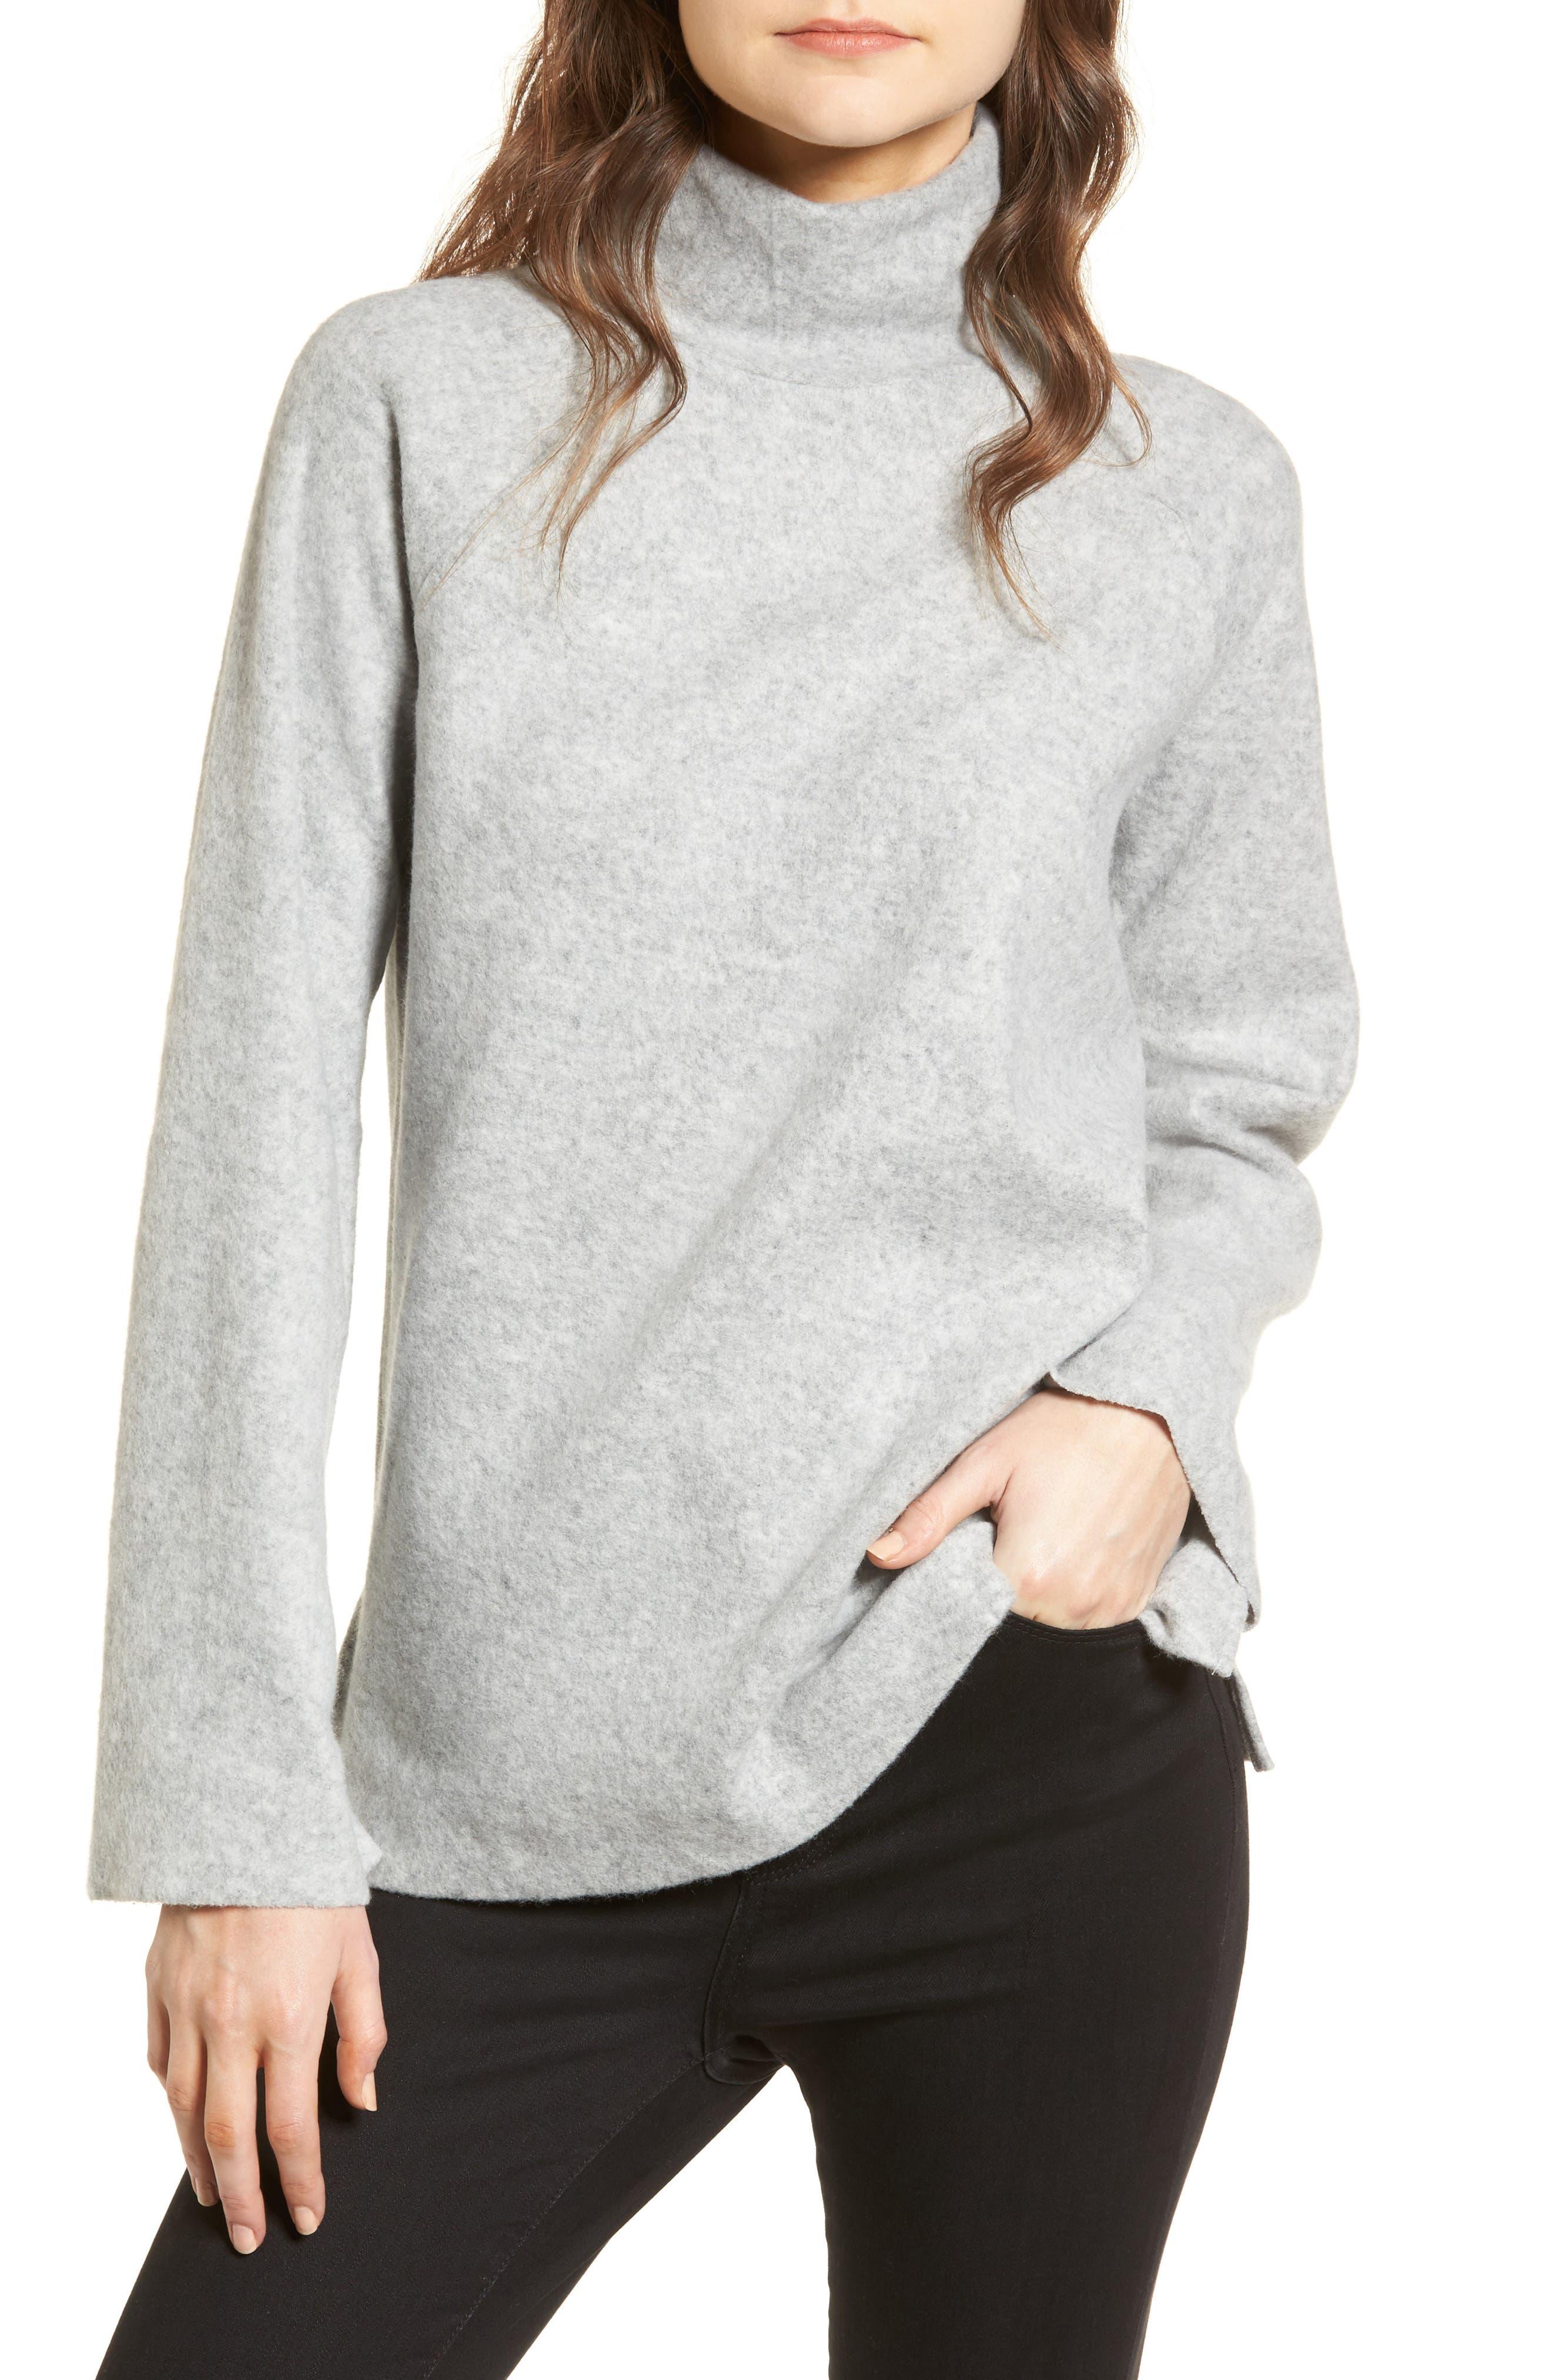 Main Image - Treasure & Bond Bell Sleeve Sweatshirt